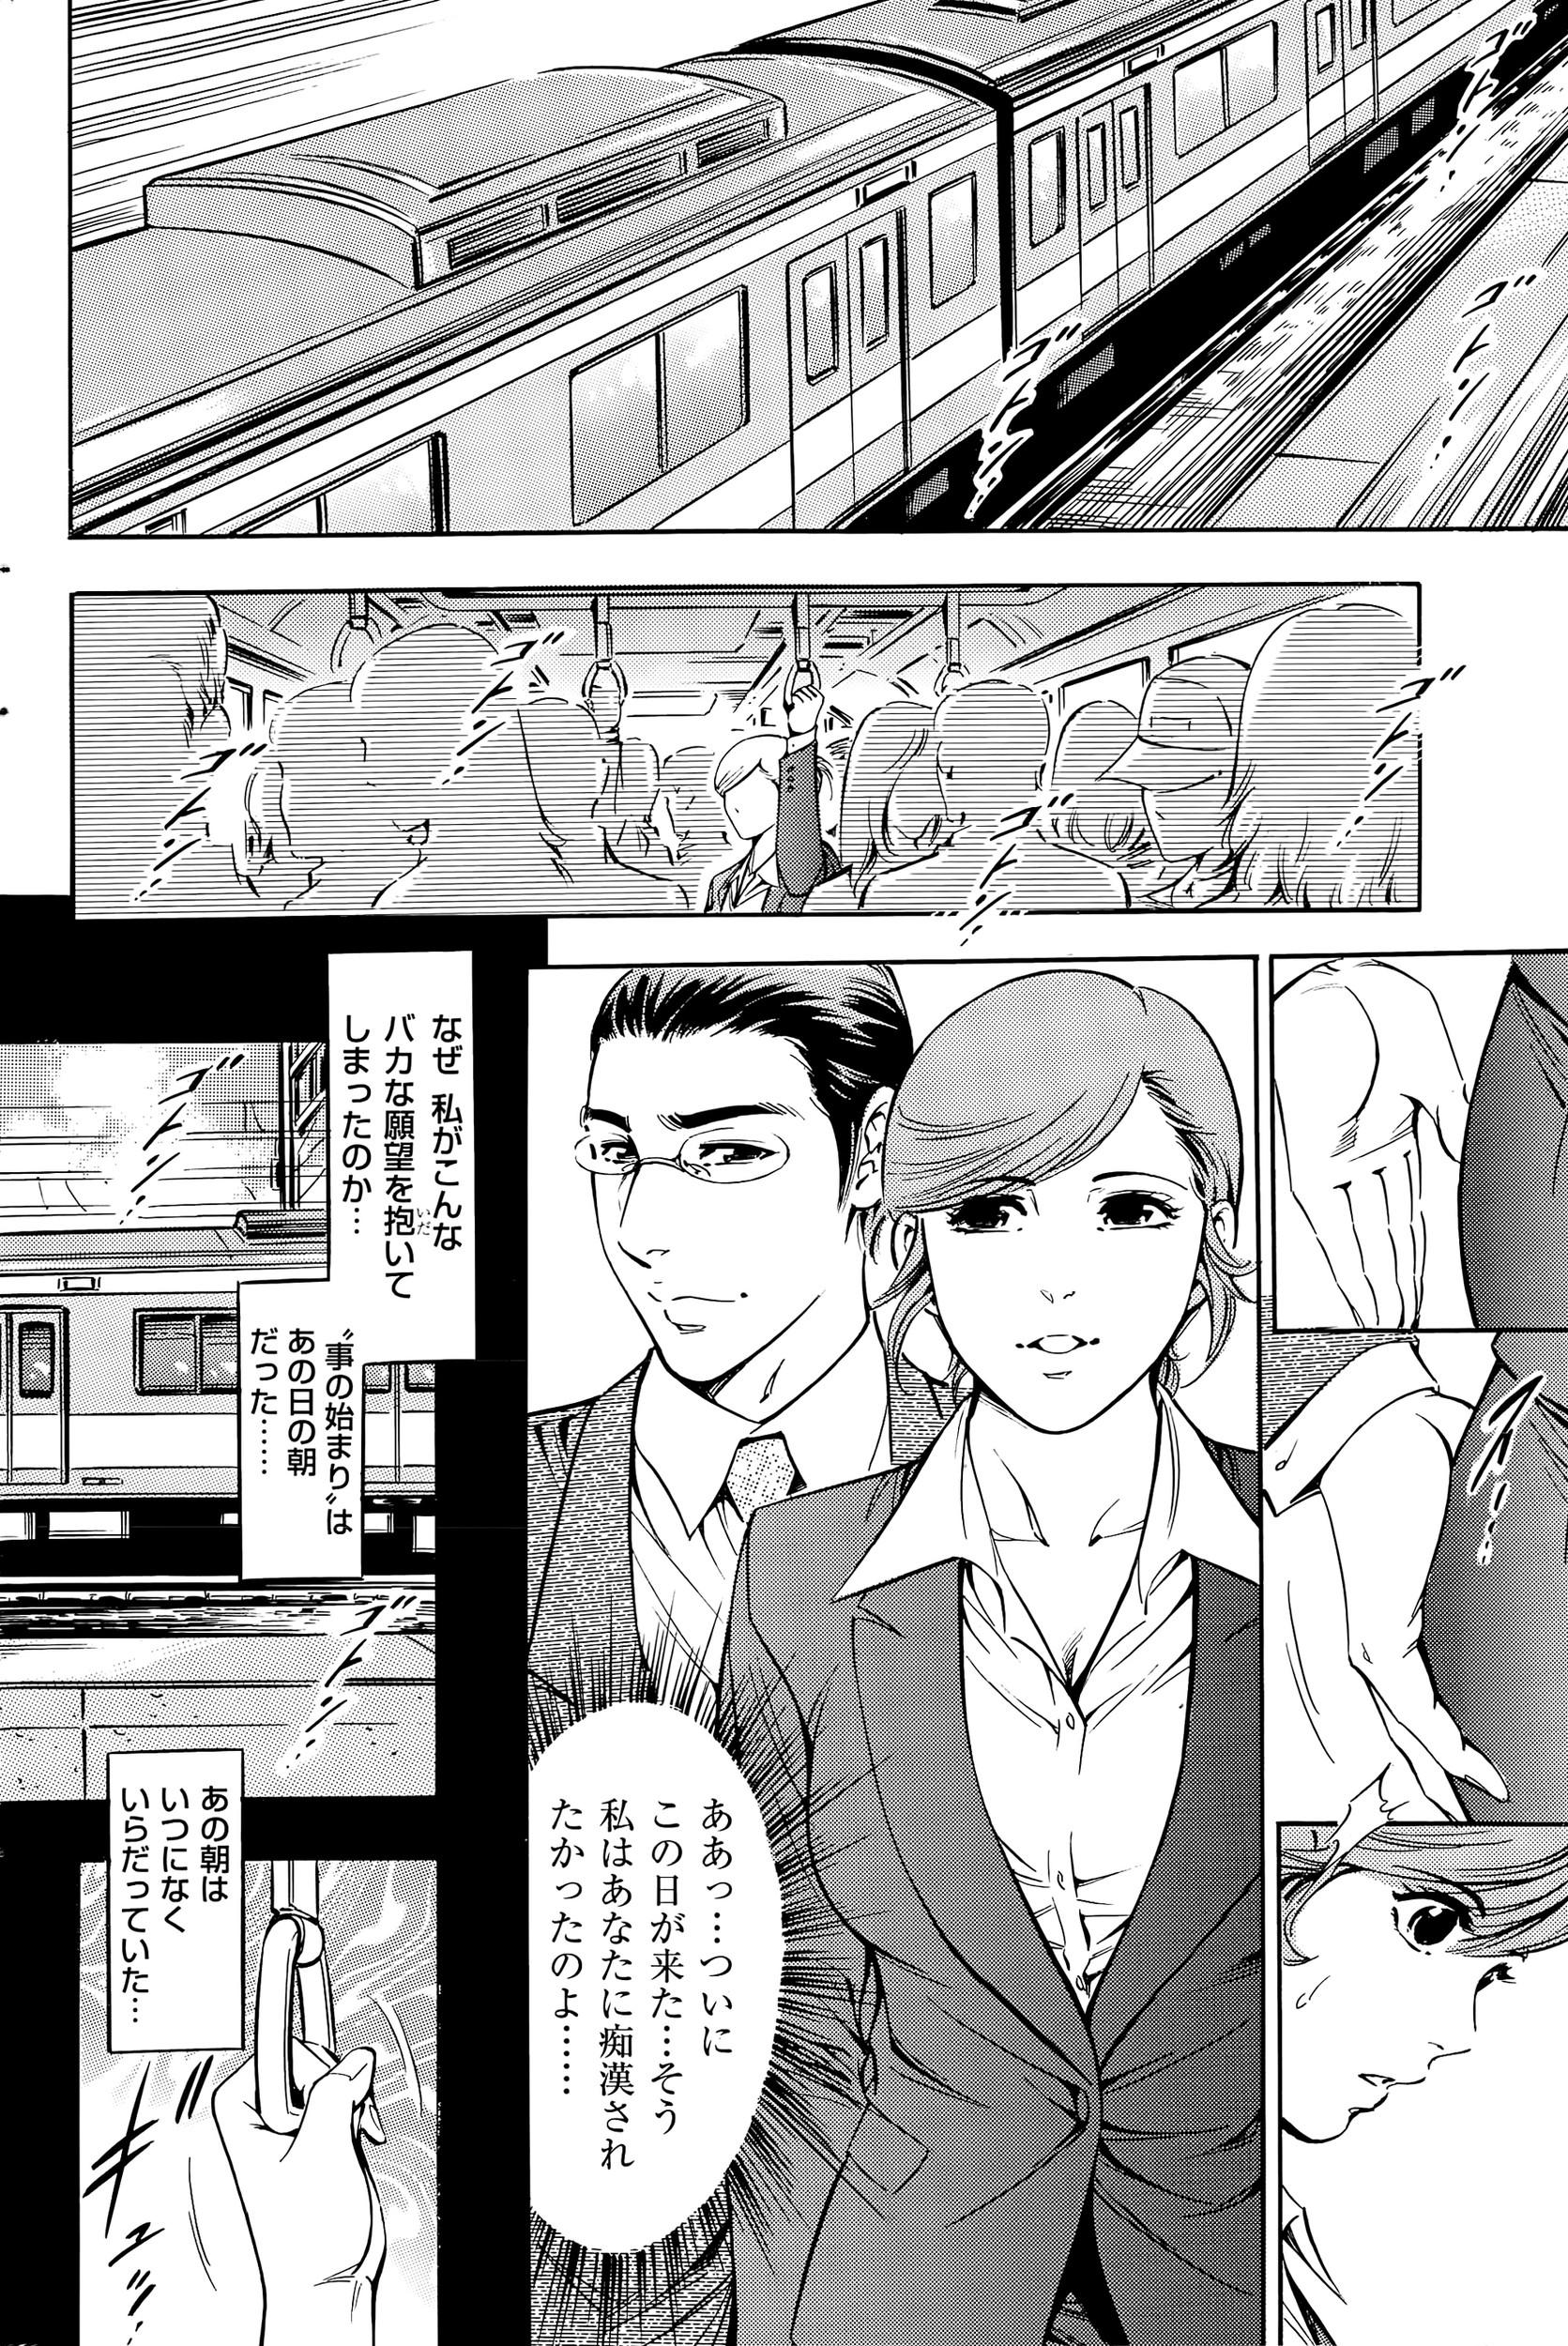 【エロ漫画・エロ同人】痴漢されたくてしょうがない巨乳OLwww (2)